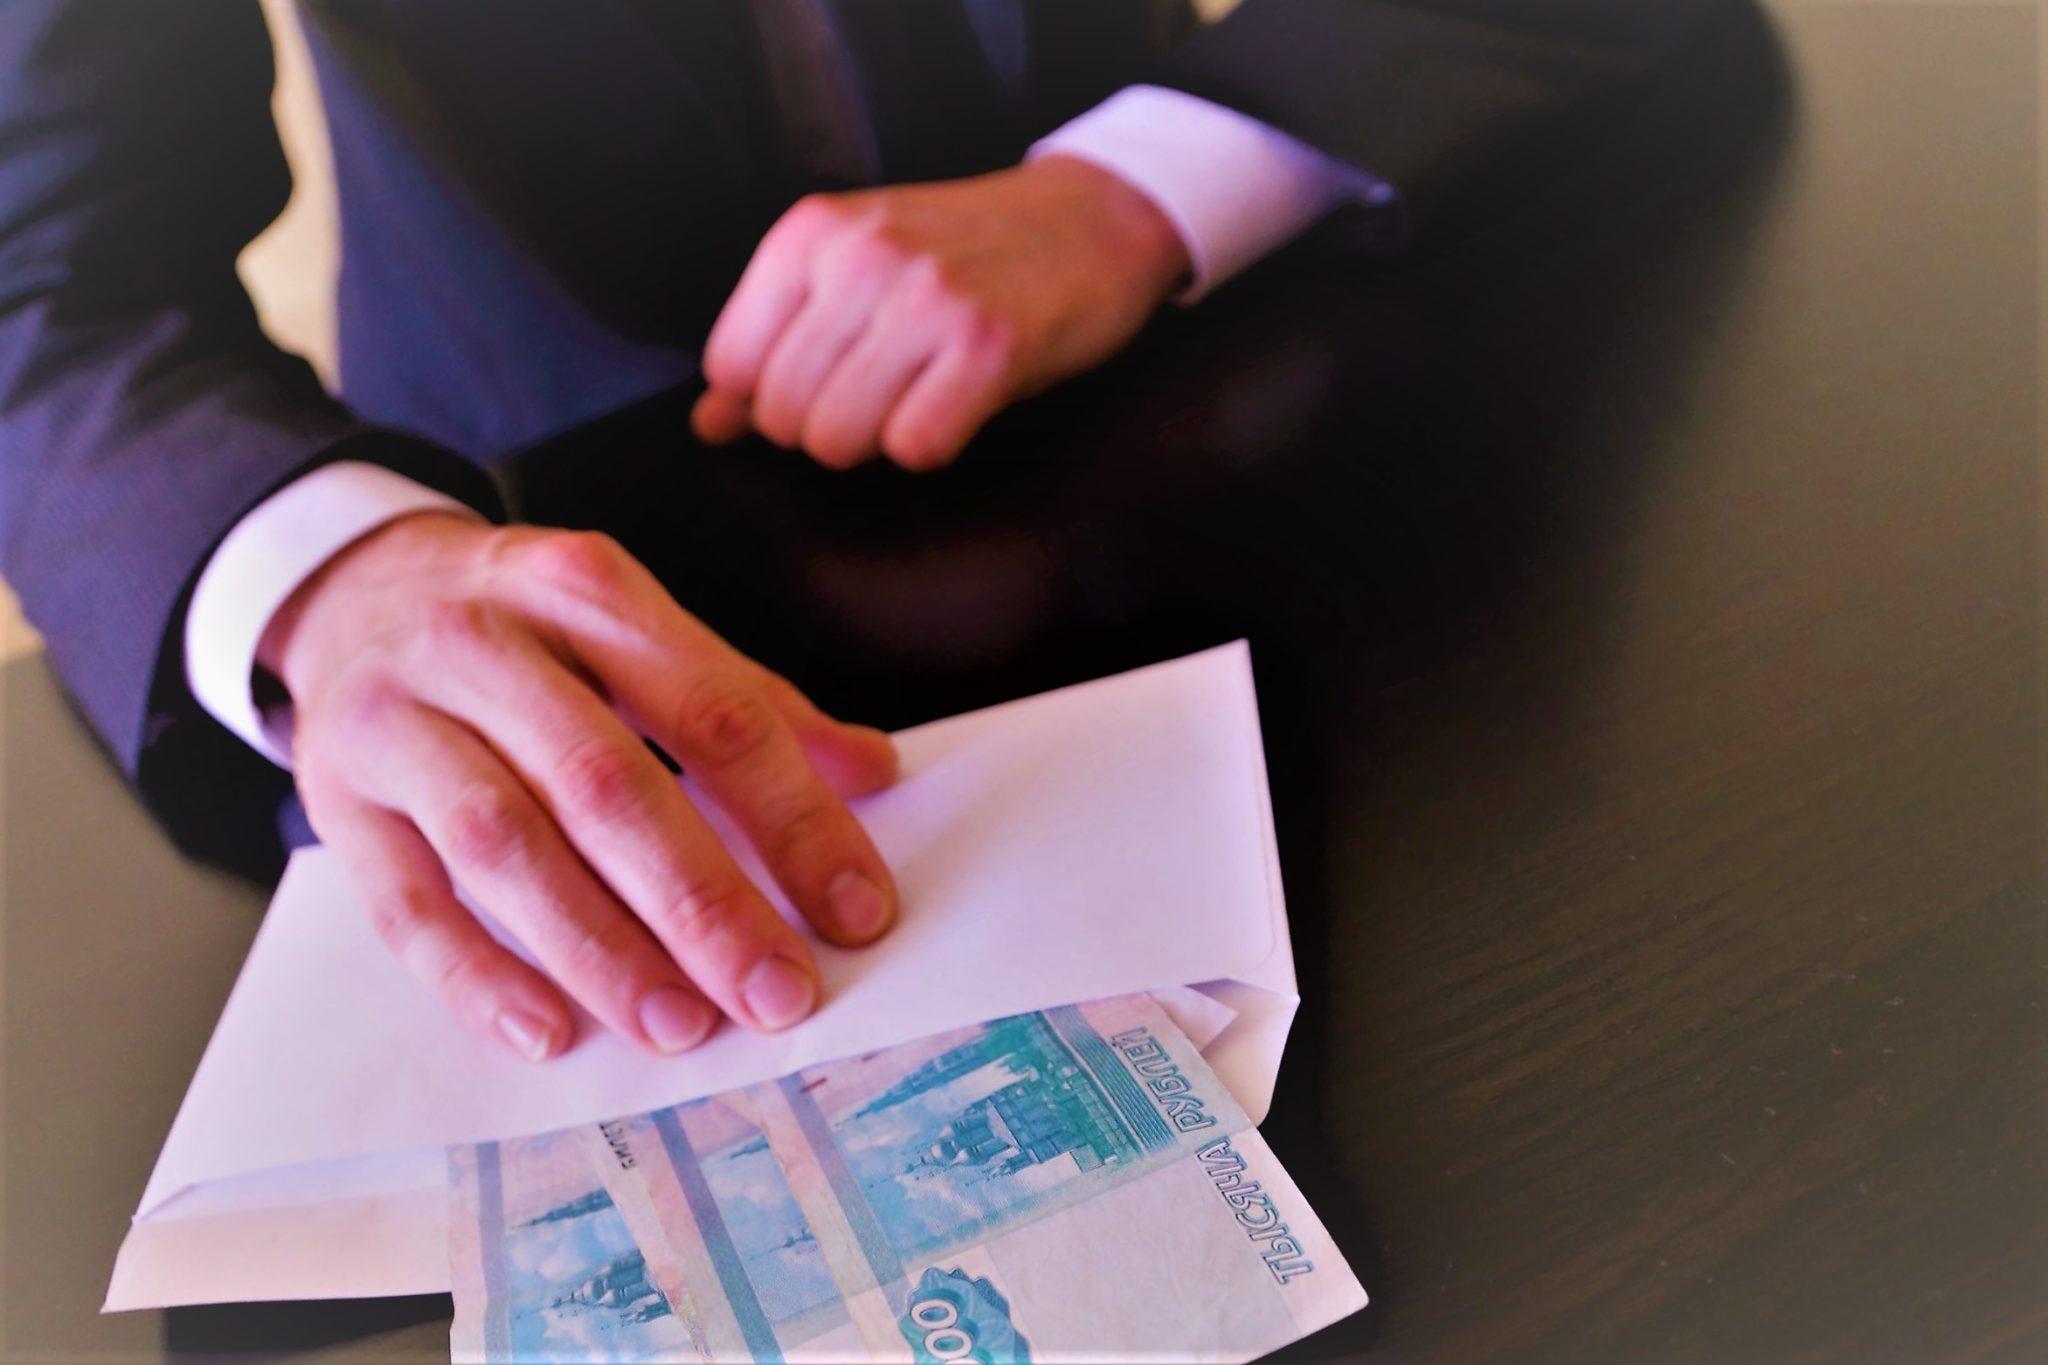 Как написать заявление в бухгалтерию на выплату алиментов?